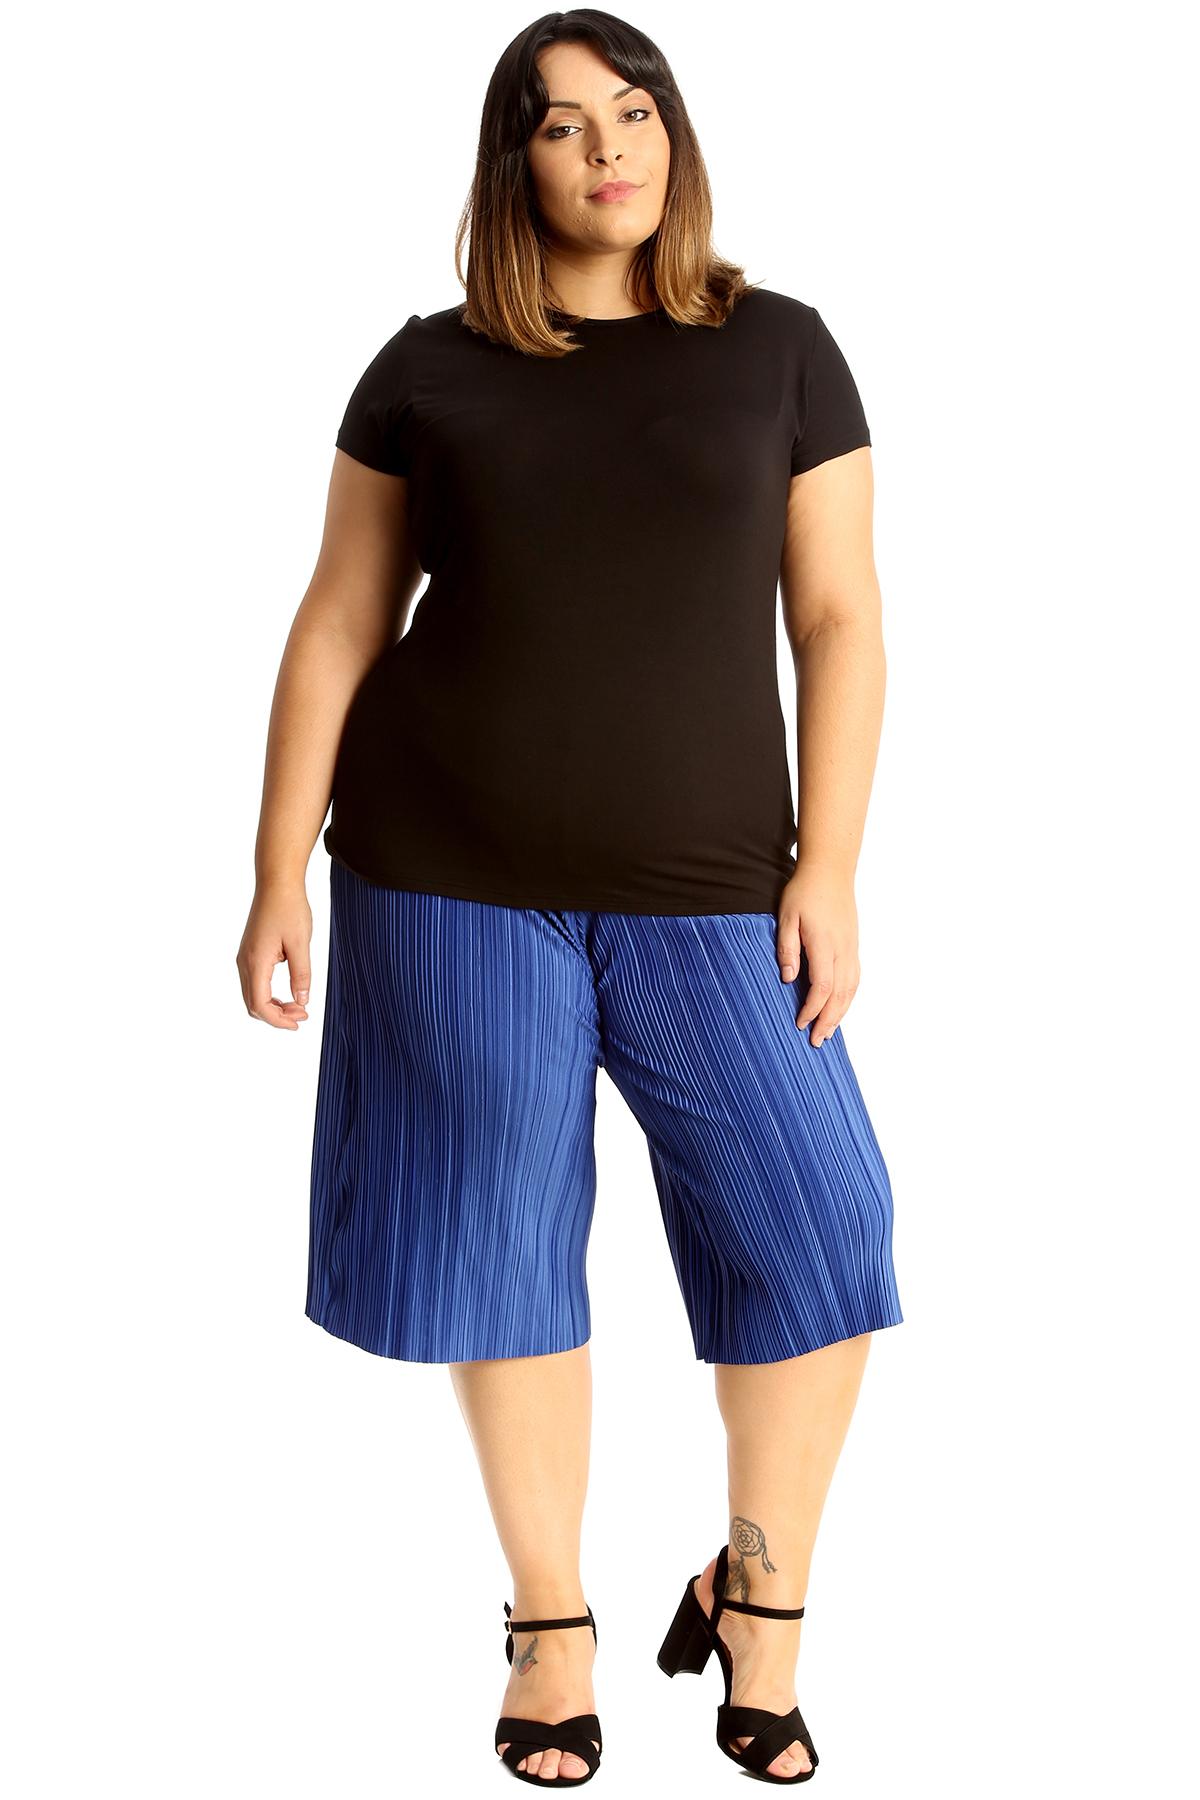 Nouveau Haut Plus Taille Culottes Femmes Crinkle Short vente Summer genou élastique